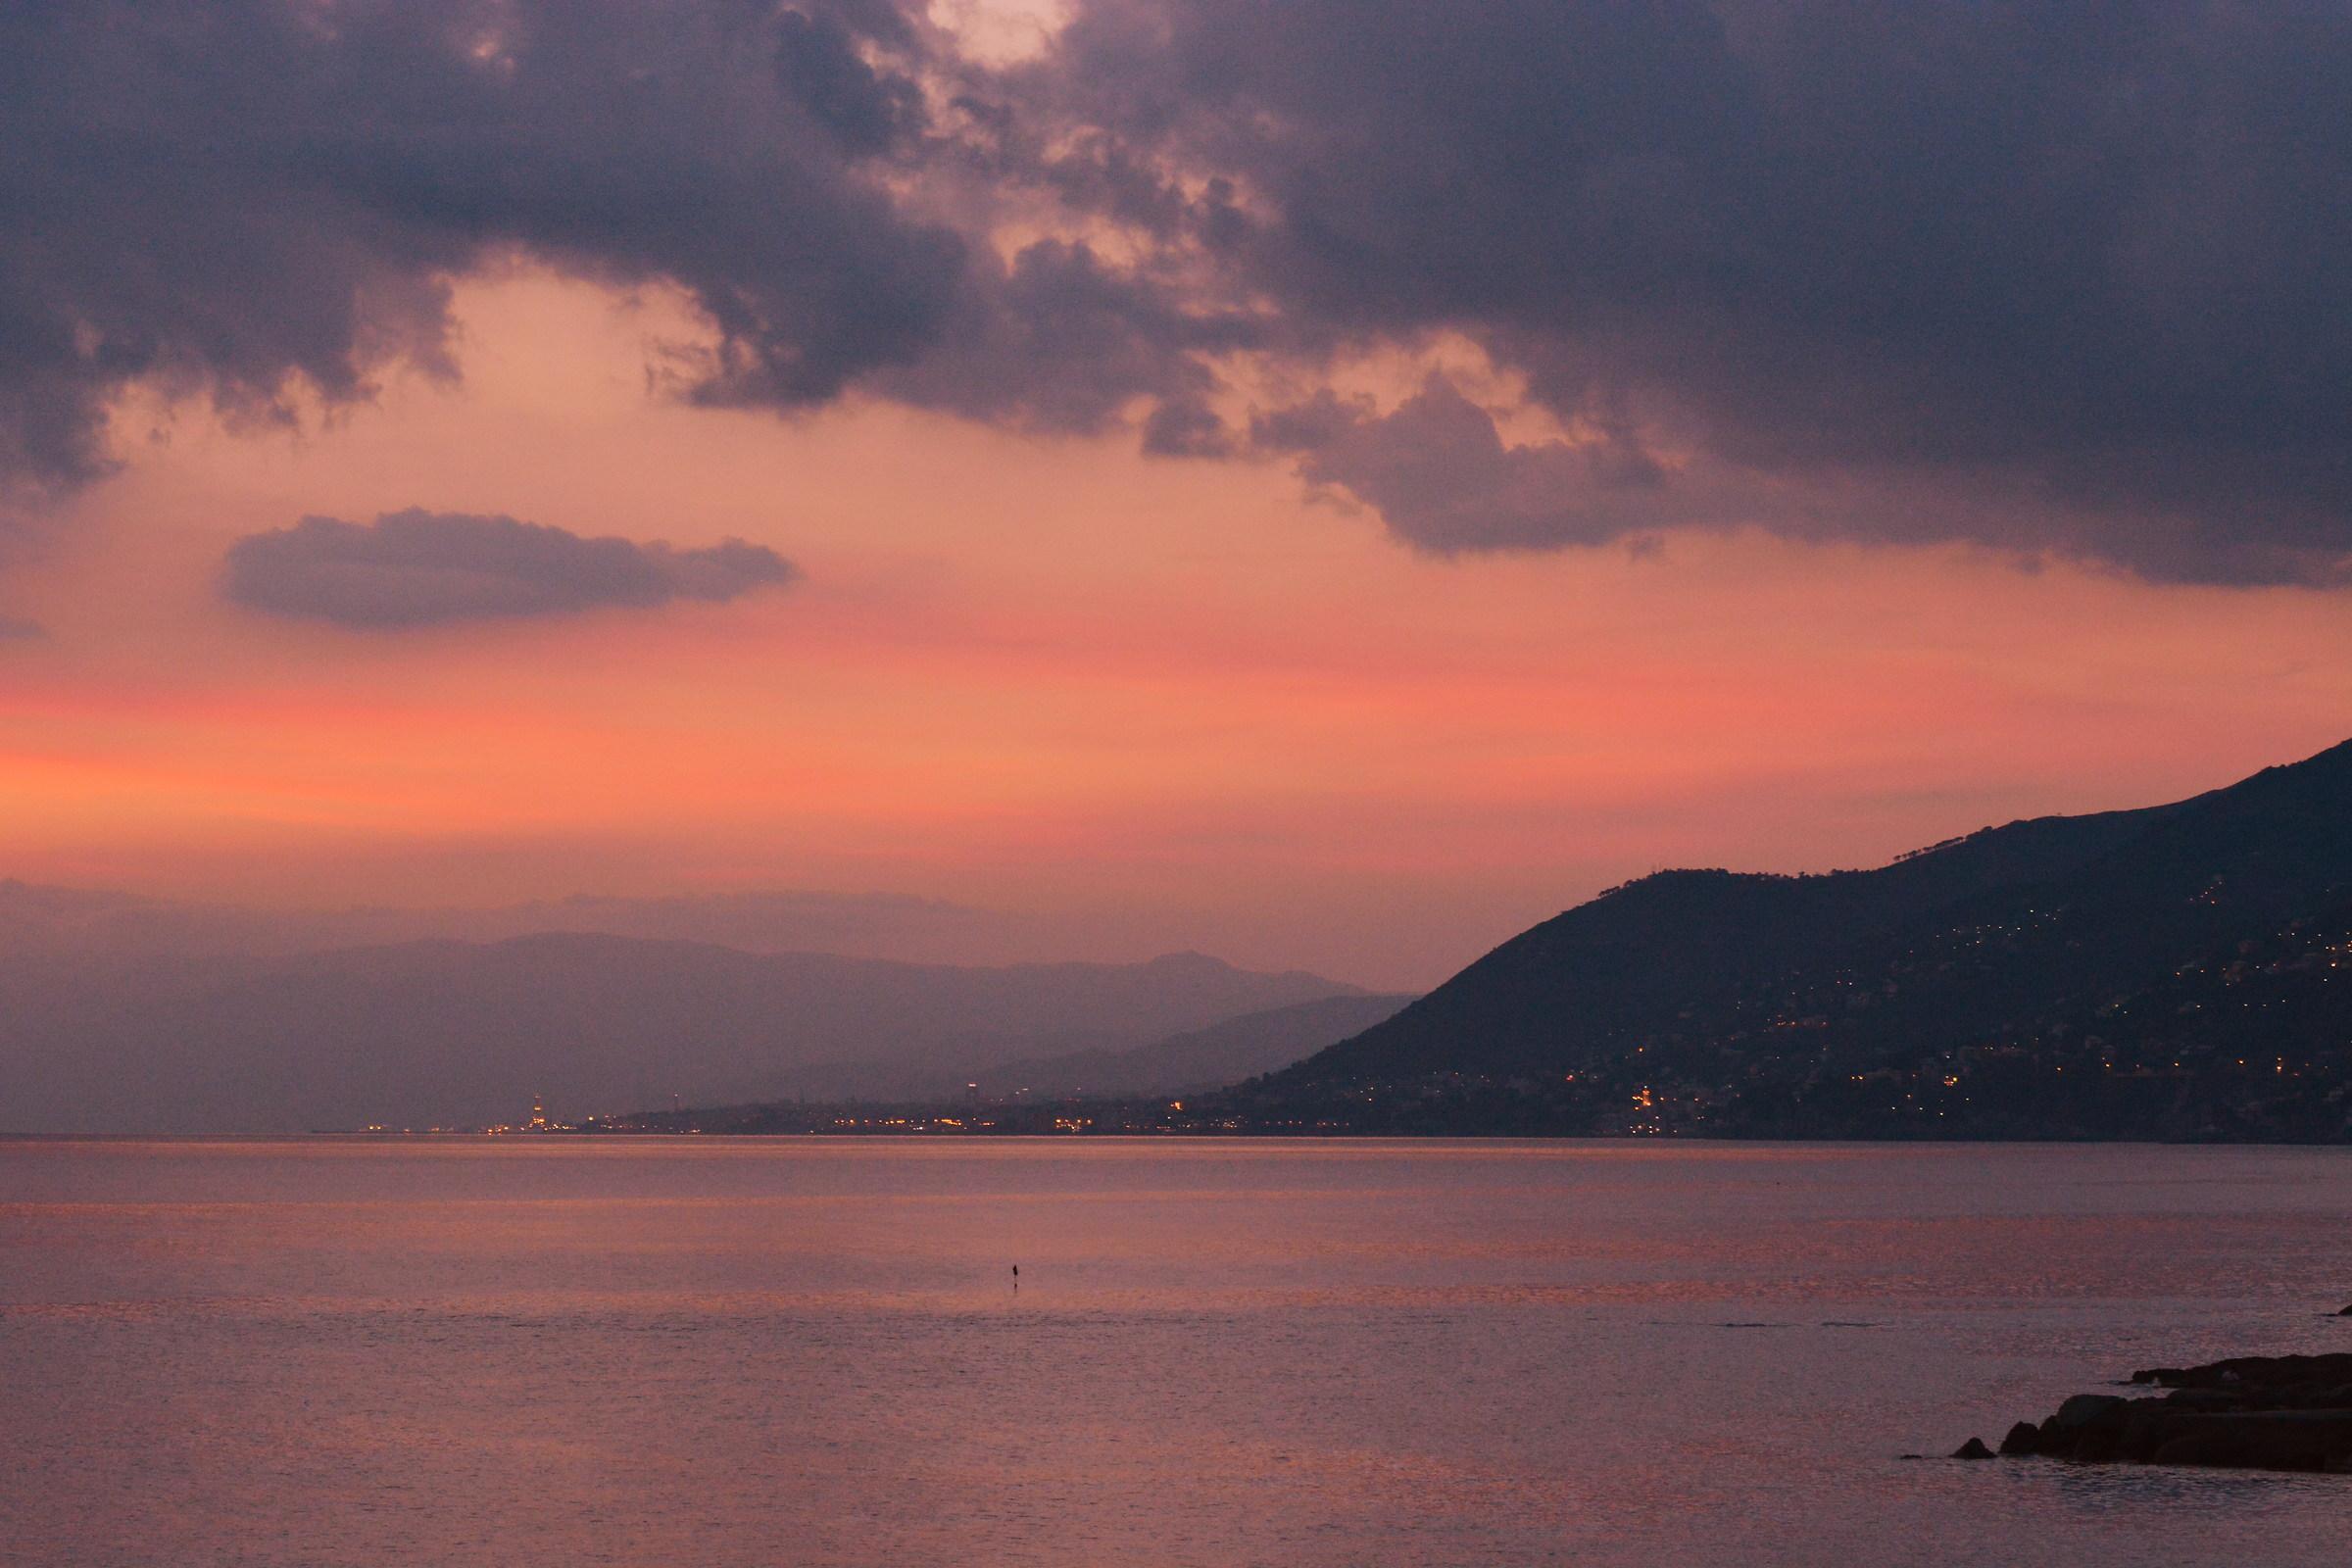 silenzio: parla il mare...